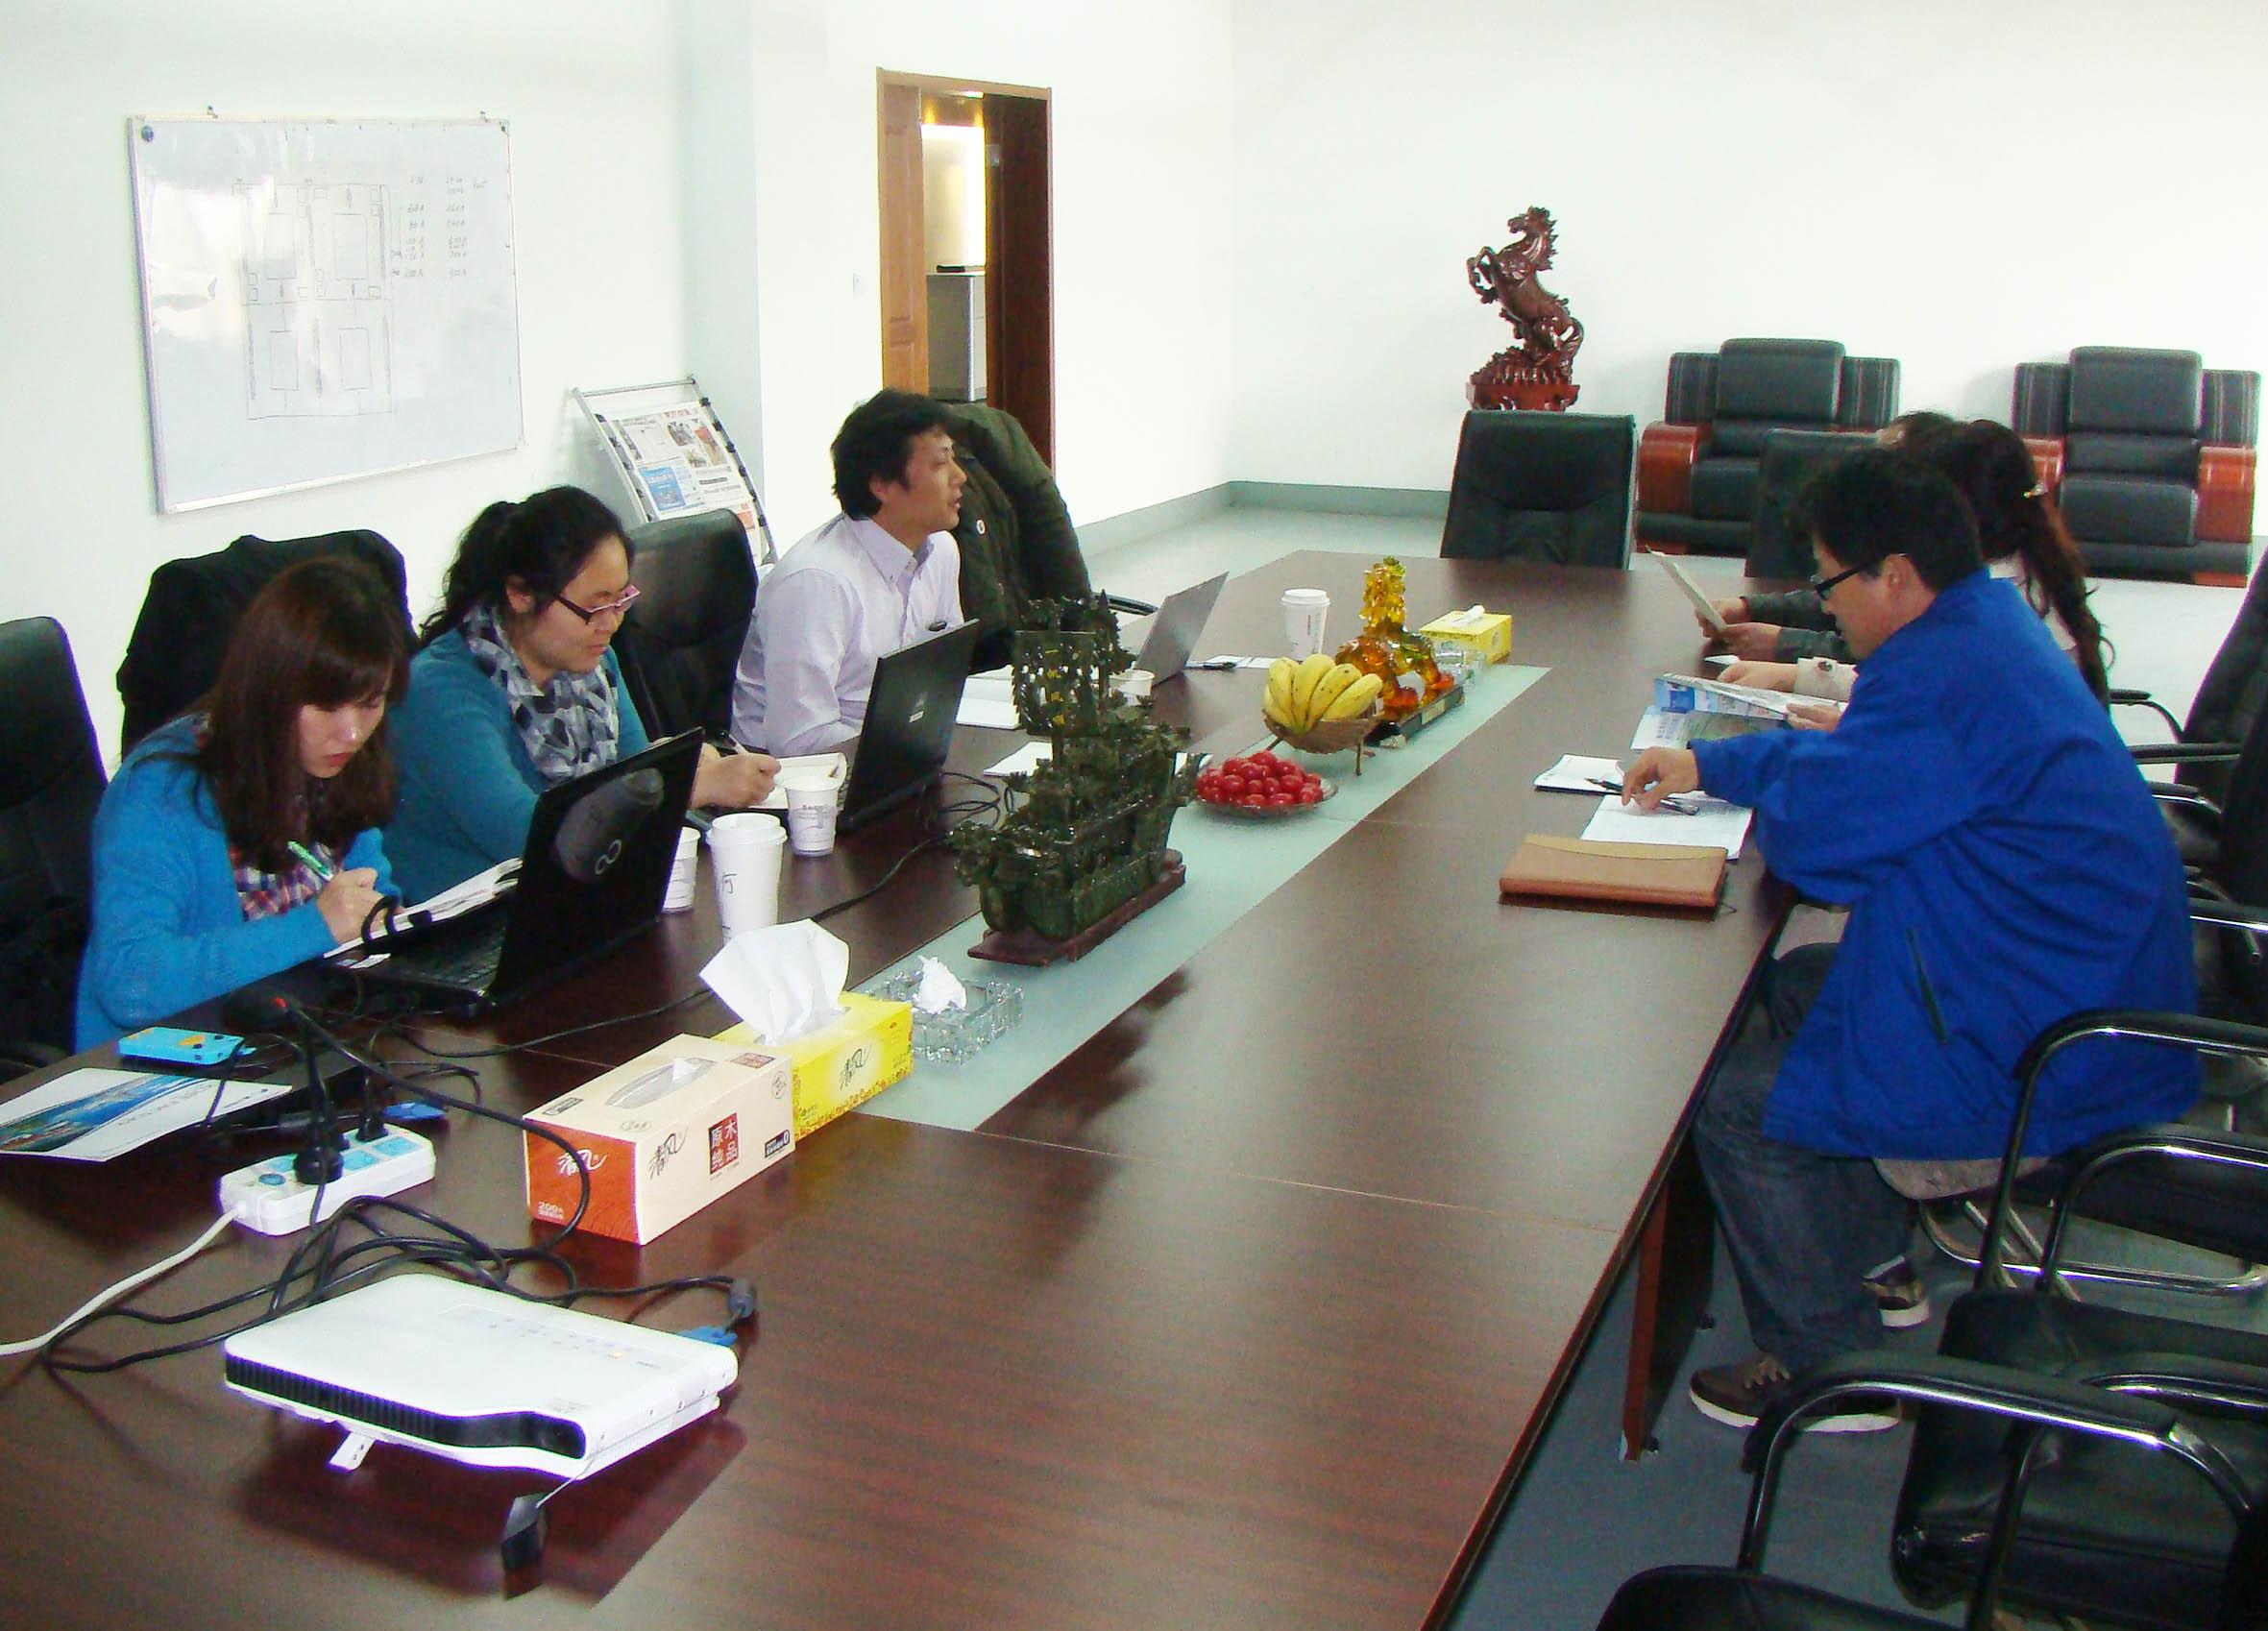 2013年4月23日富士电机领导莅临我司洽谈合作事宜